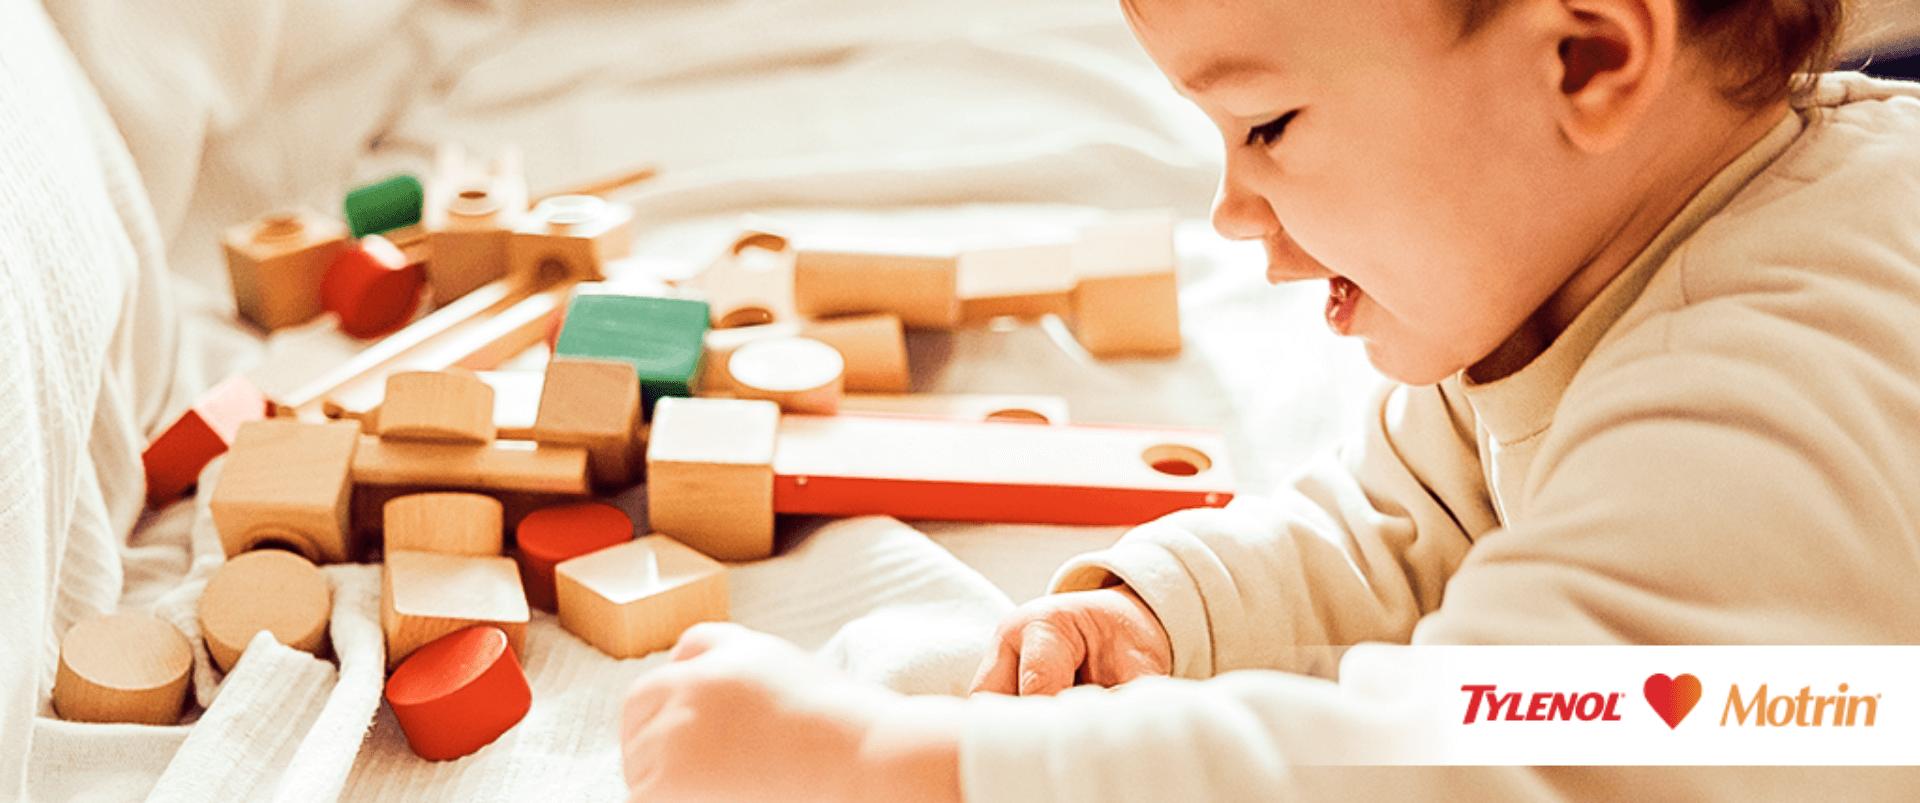 Bebé jugando con cubos de madera